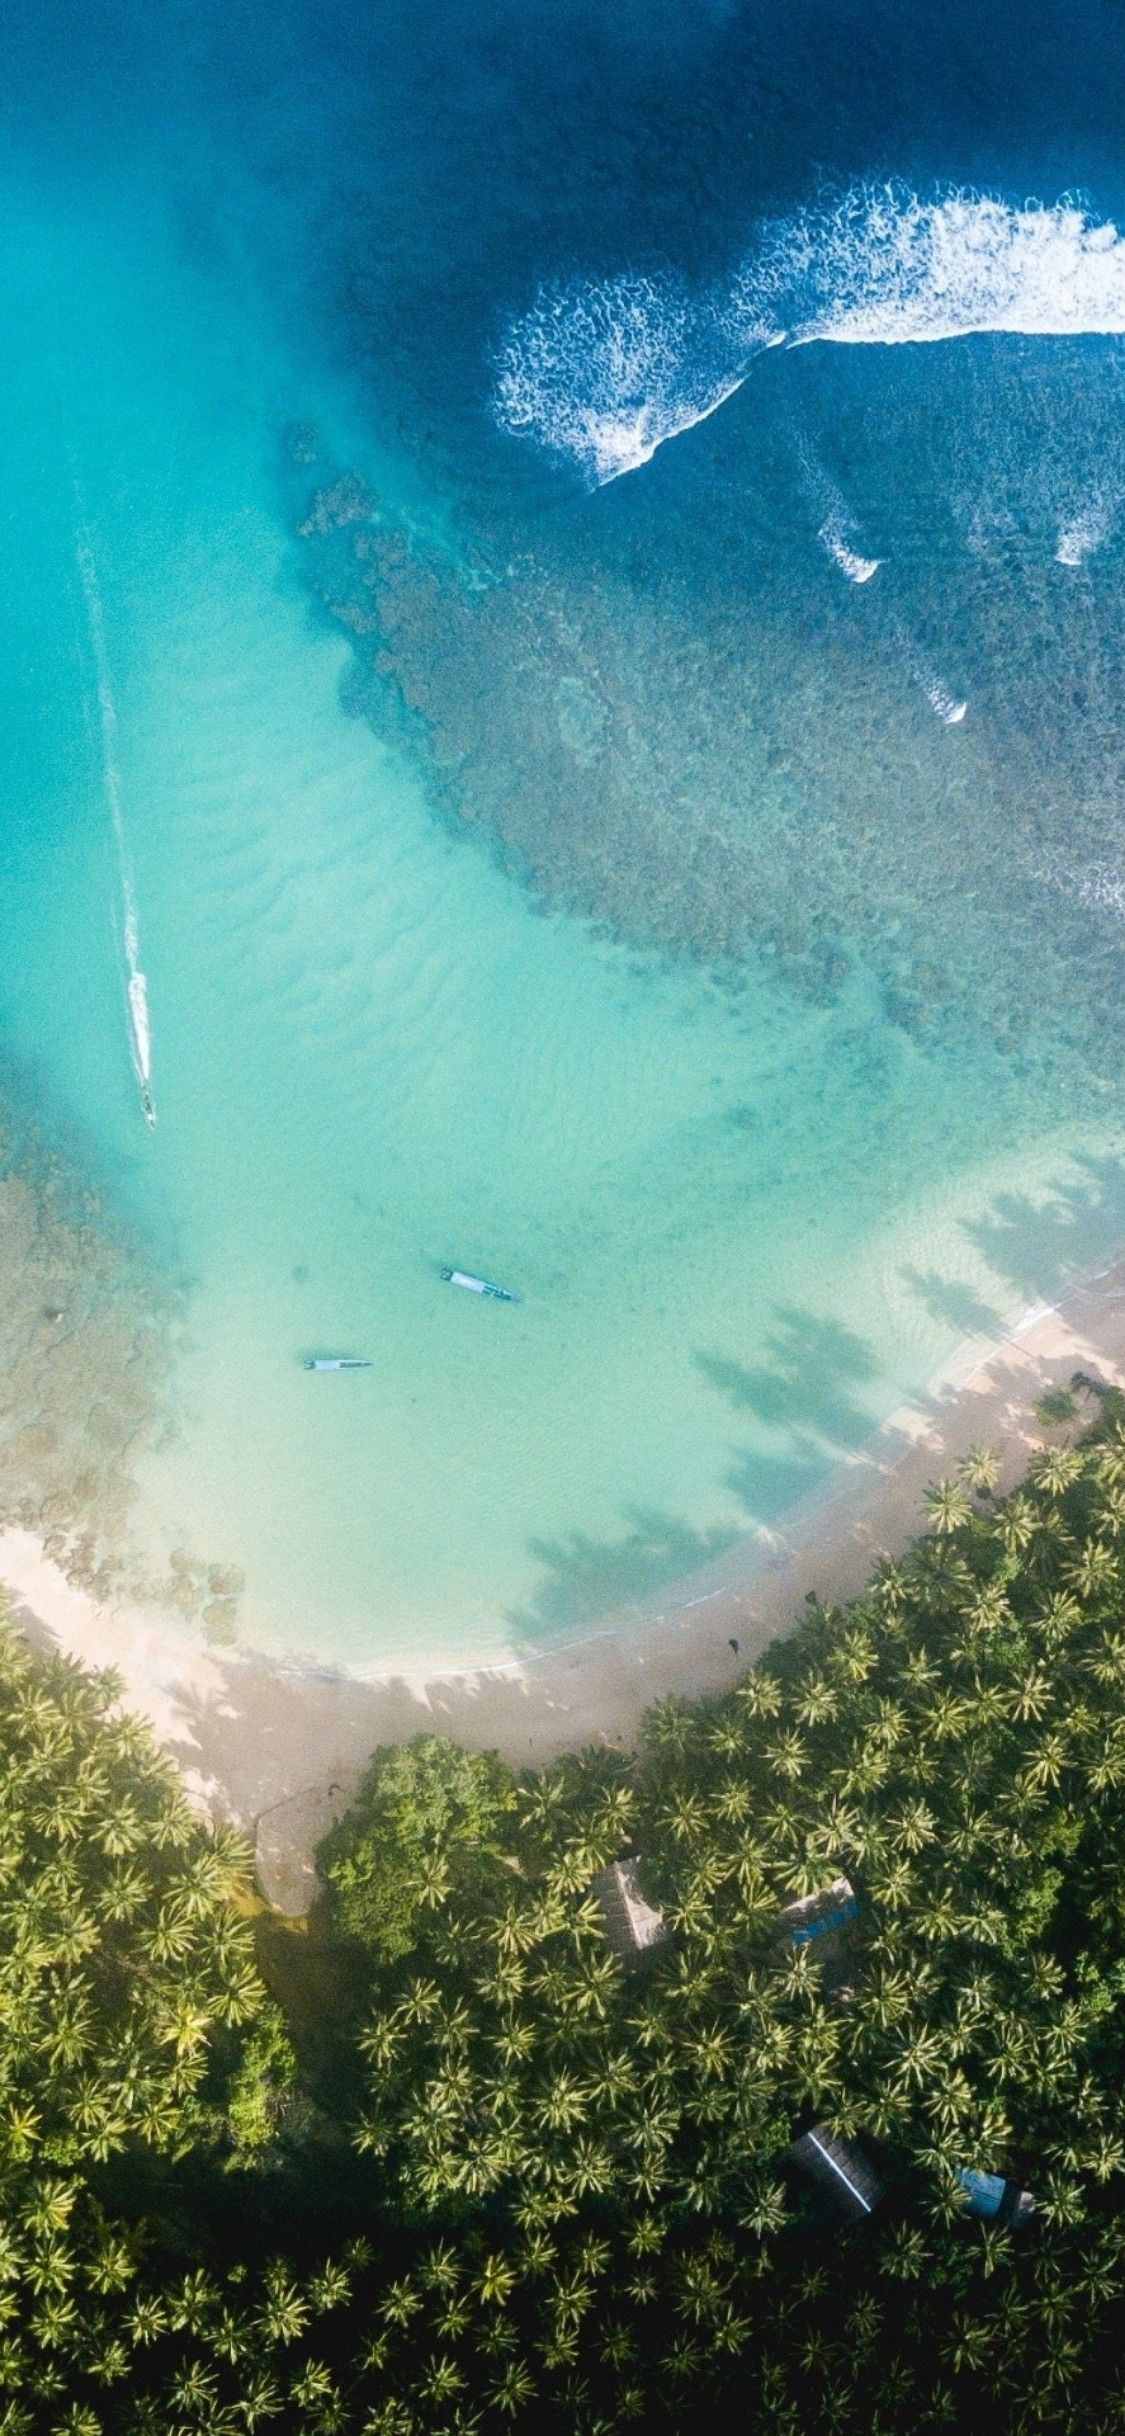 Ios 11 Iphone X Aqua Blue Water Beach Wave Ocean